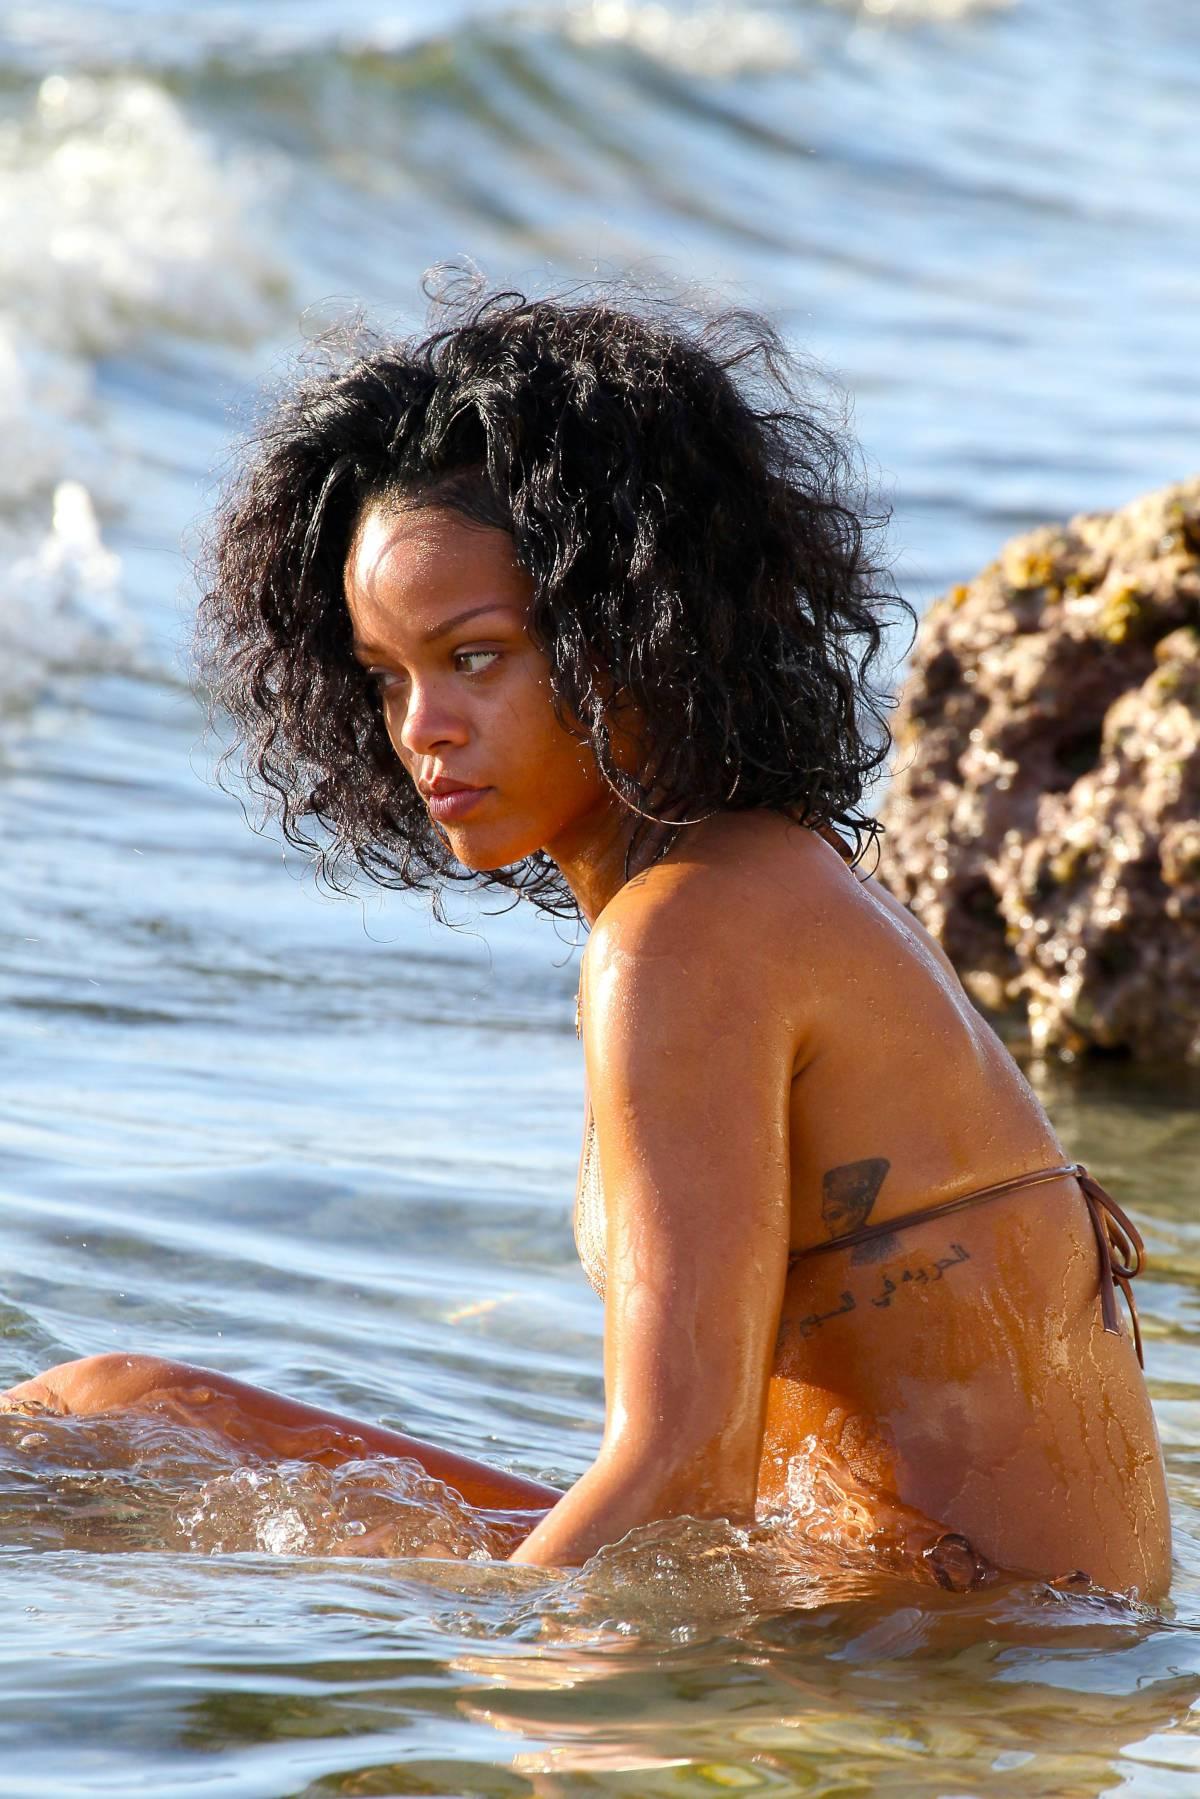 351957638_Rihanna_Bikini_291213_ReSiDuO13_123_56lo.jpg